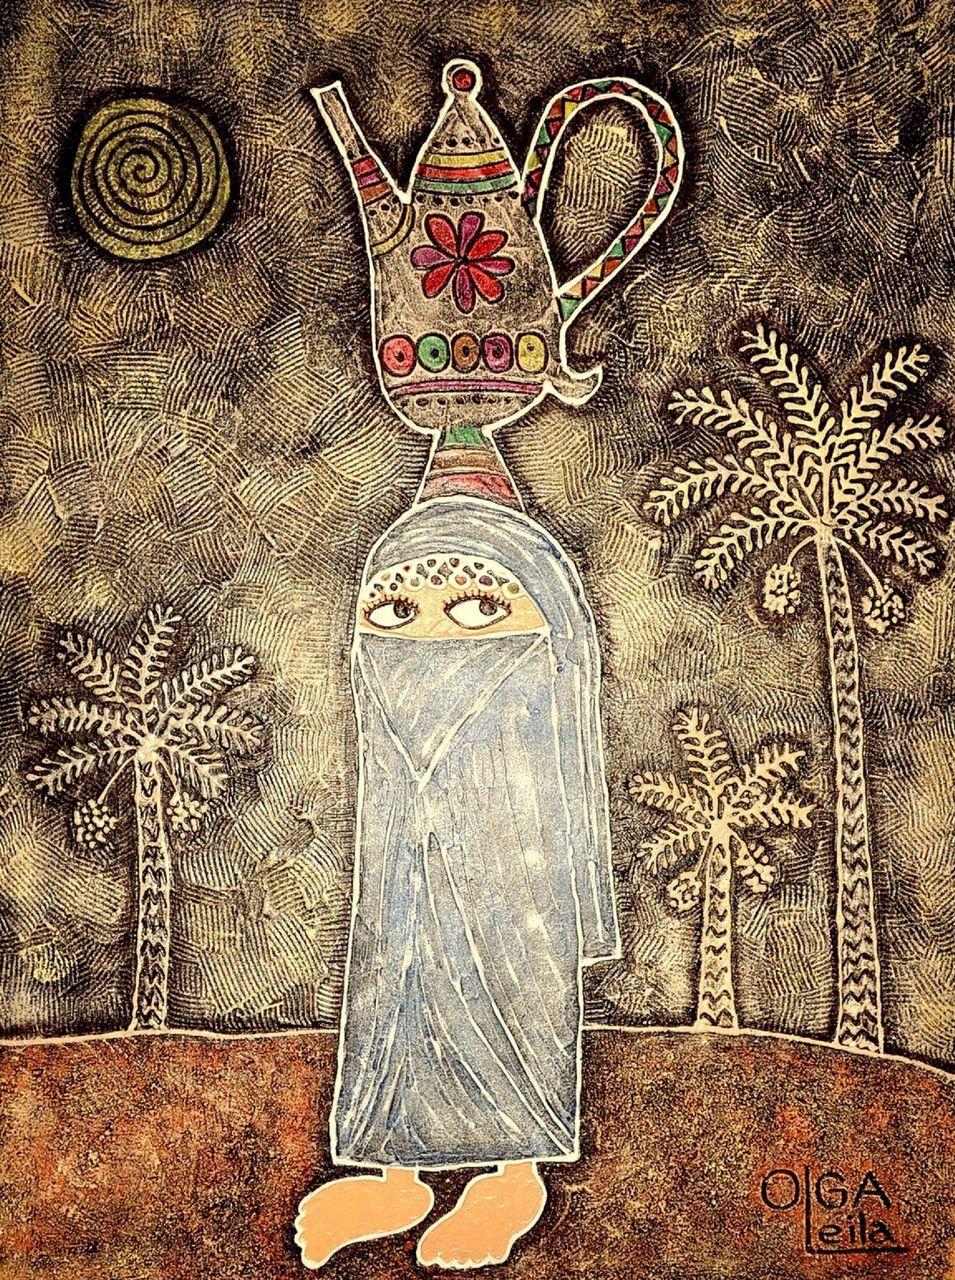 Olga  Leila Femme du désert